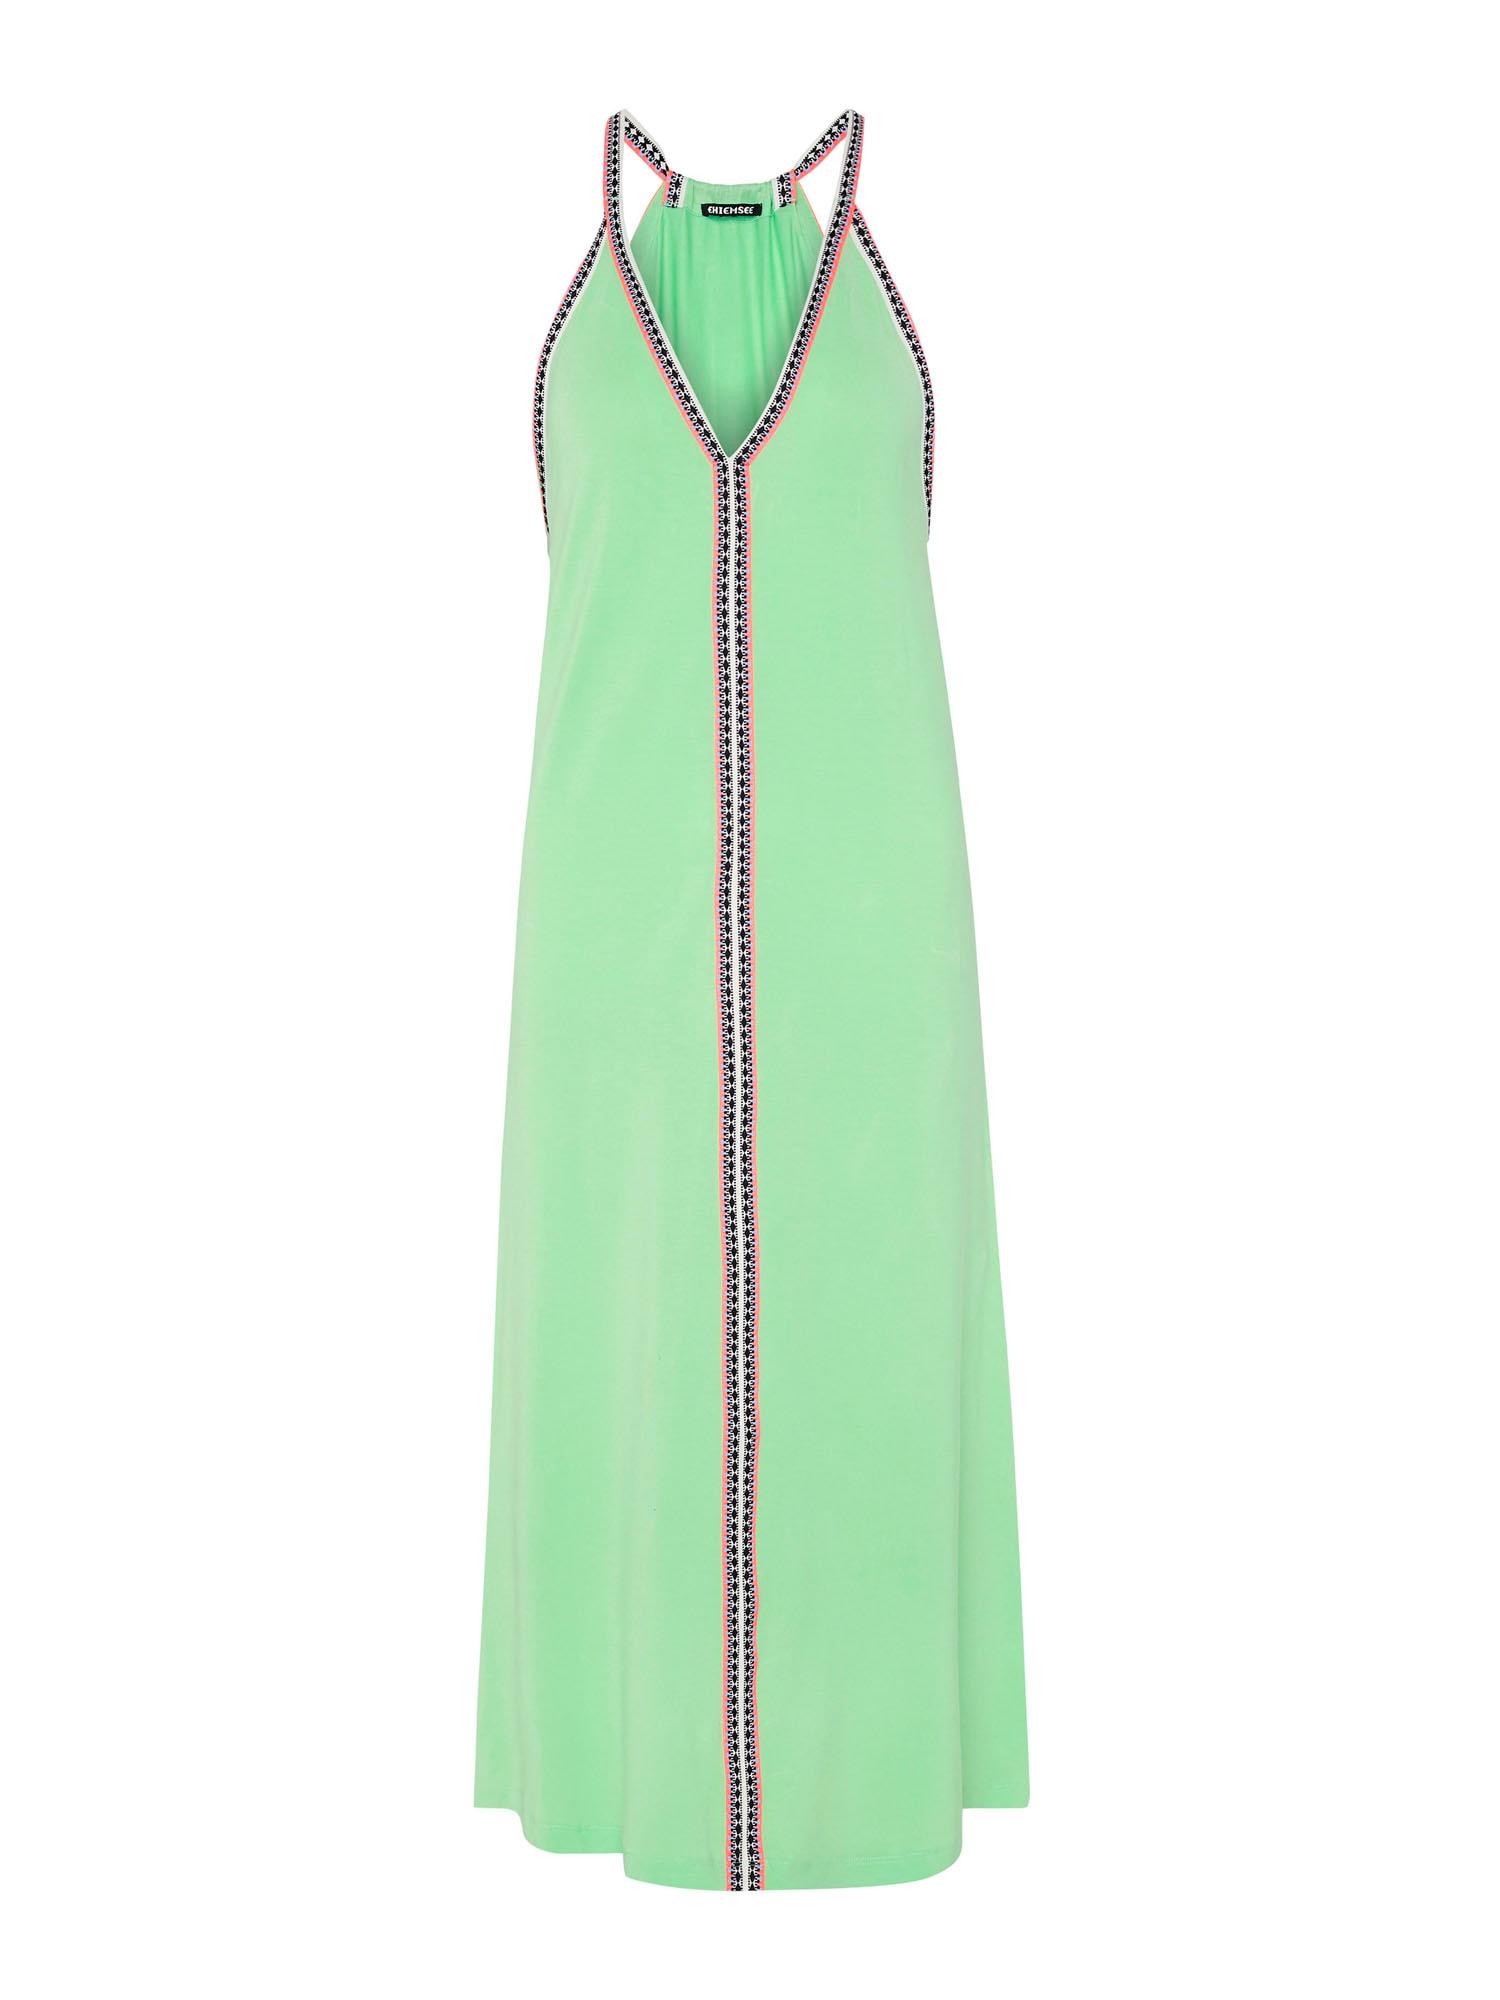 CHIEMSEE Sportinė suknelė žalia